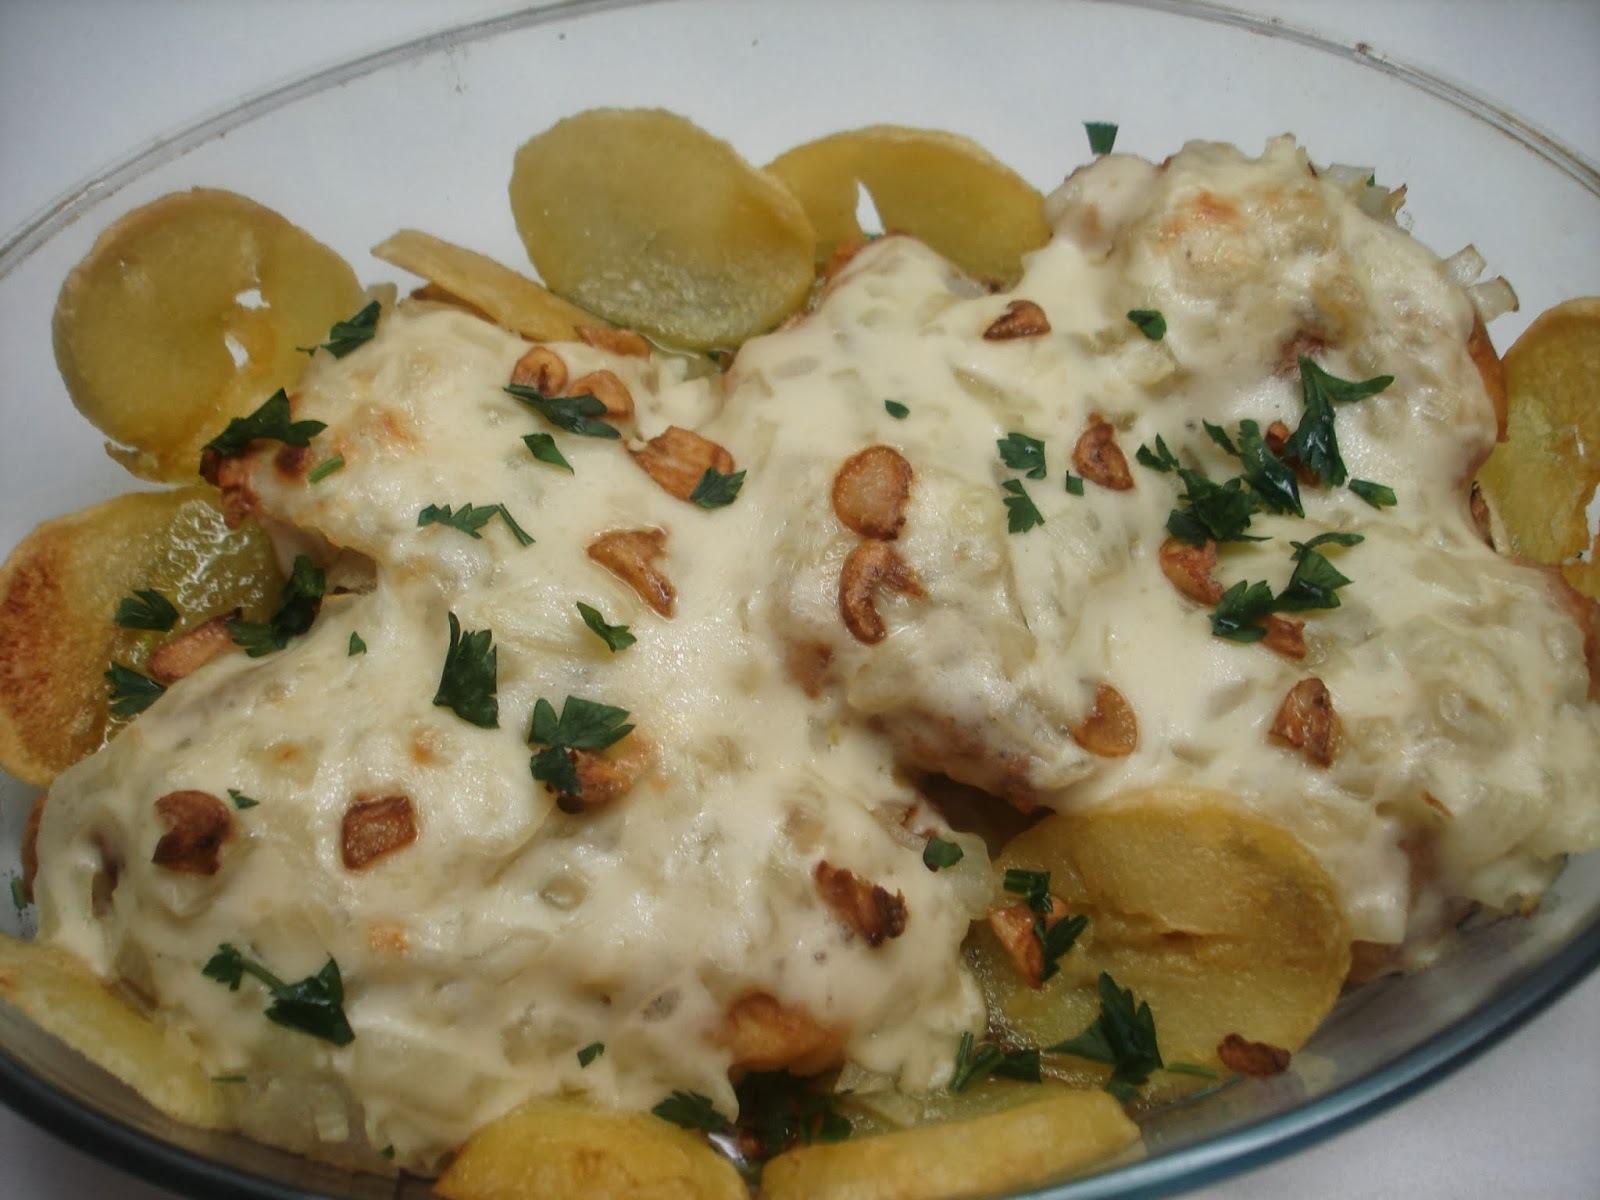 Bacalhau à Trasmontana para sua Semana Santa: uma delícia portuguesa que testei pela primeira vez! Vale a pena!